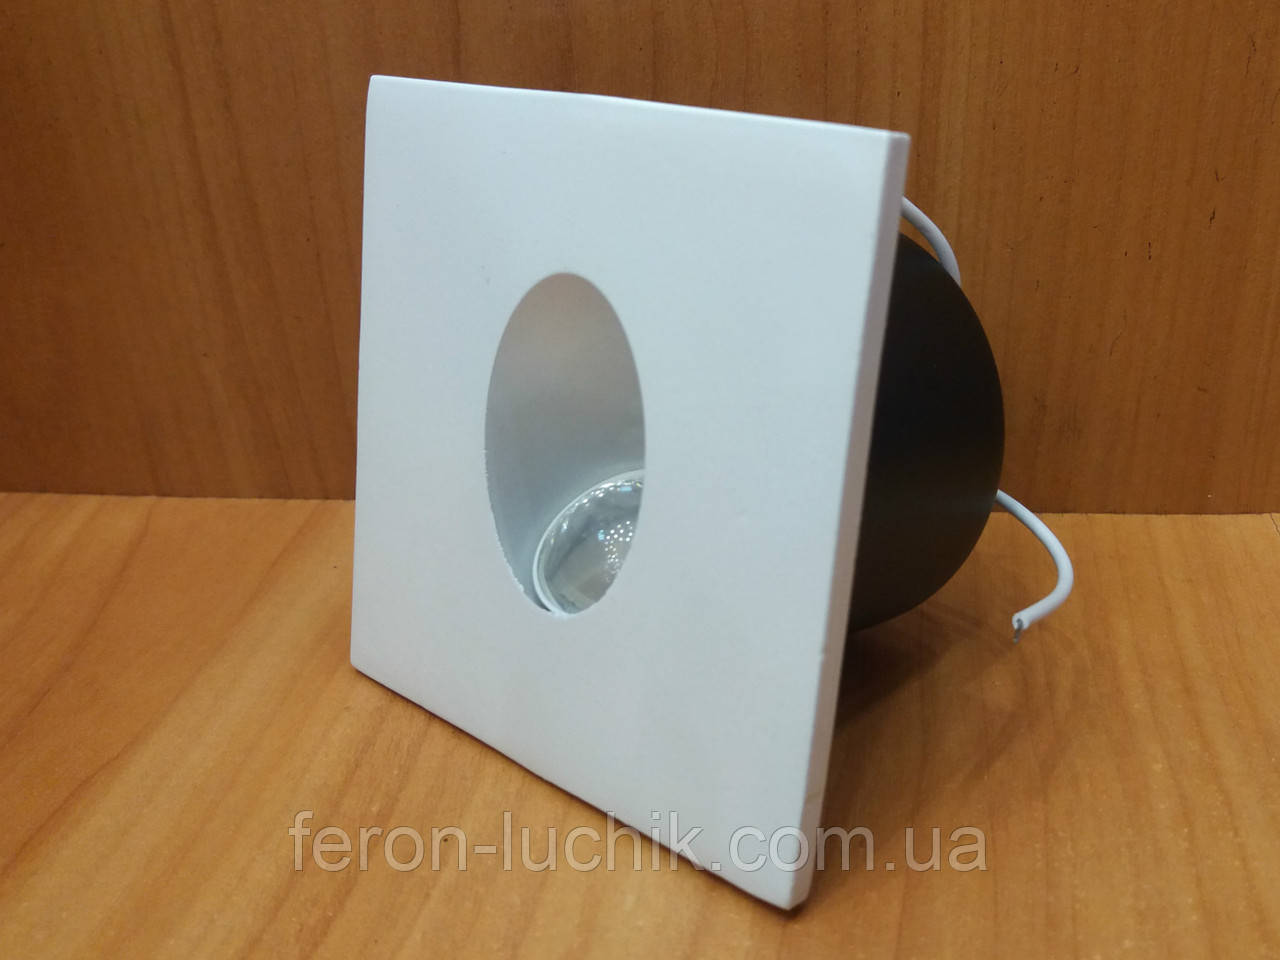 Светодиодный LED светильник для подсветки ступеней, лестниц HOROZ 3W 4000K (белый свет) квадрат